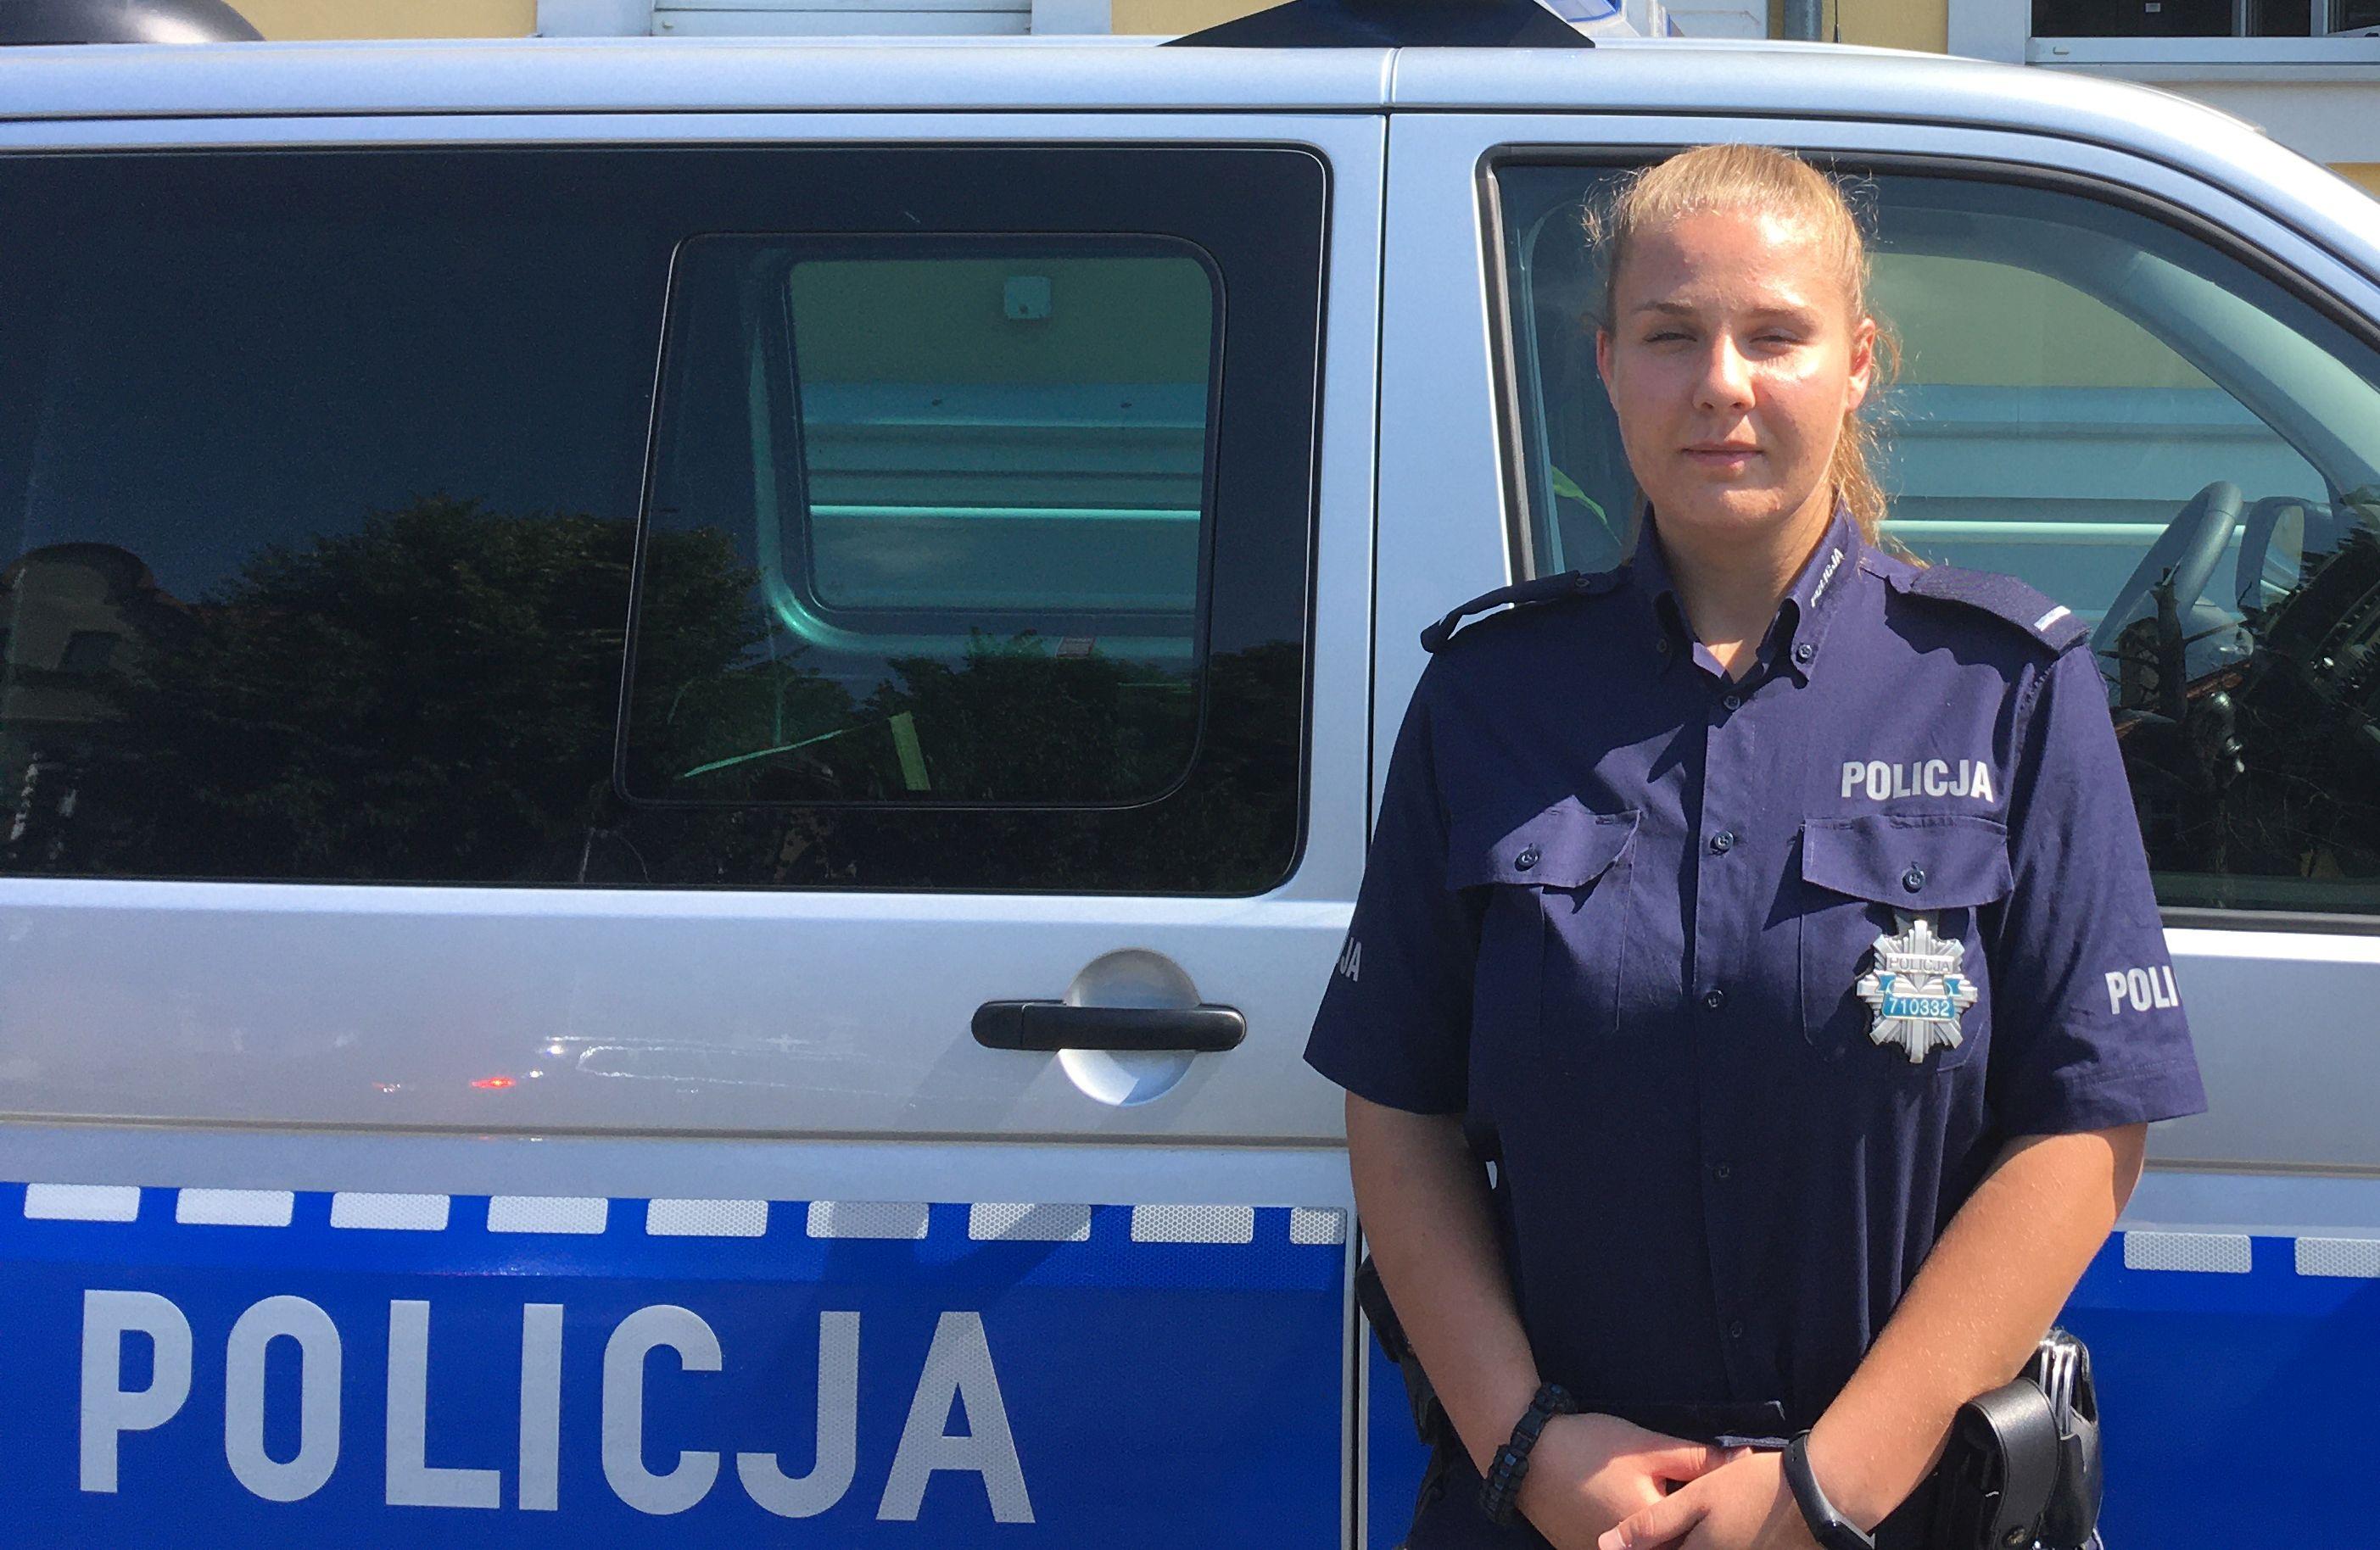 policja martyna wawrzyniak - Rafał Regulski